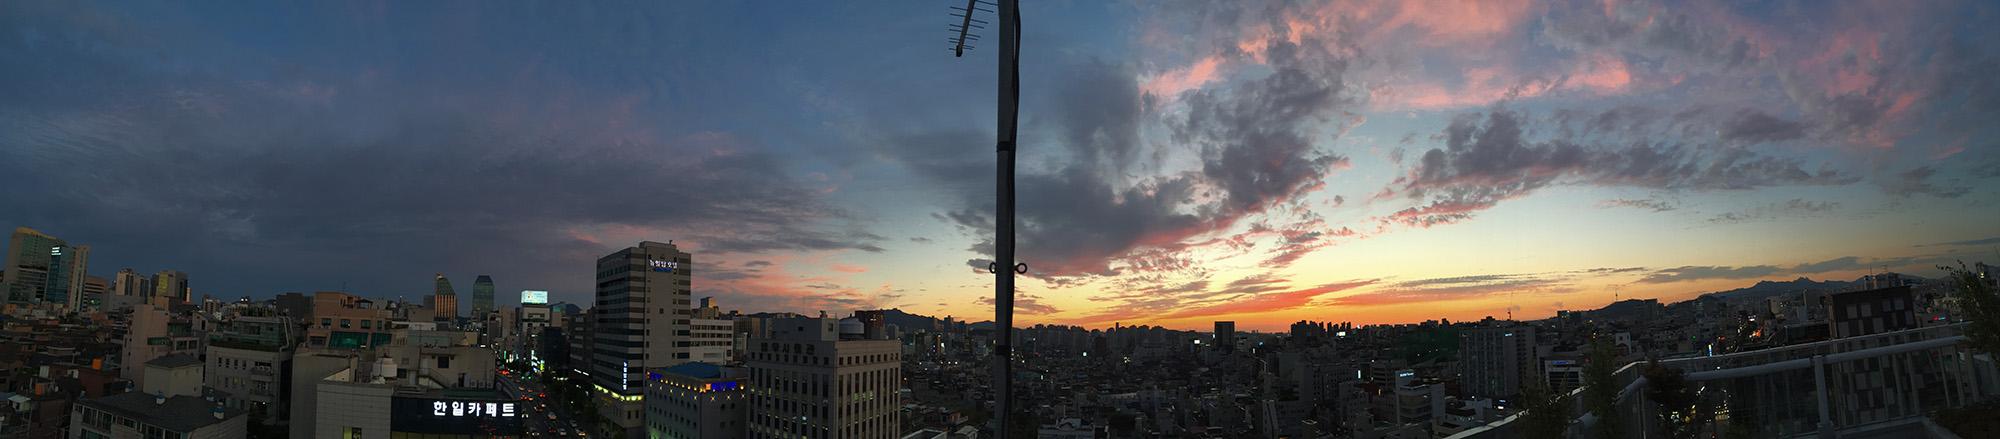 하늘사진 15